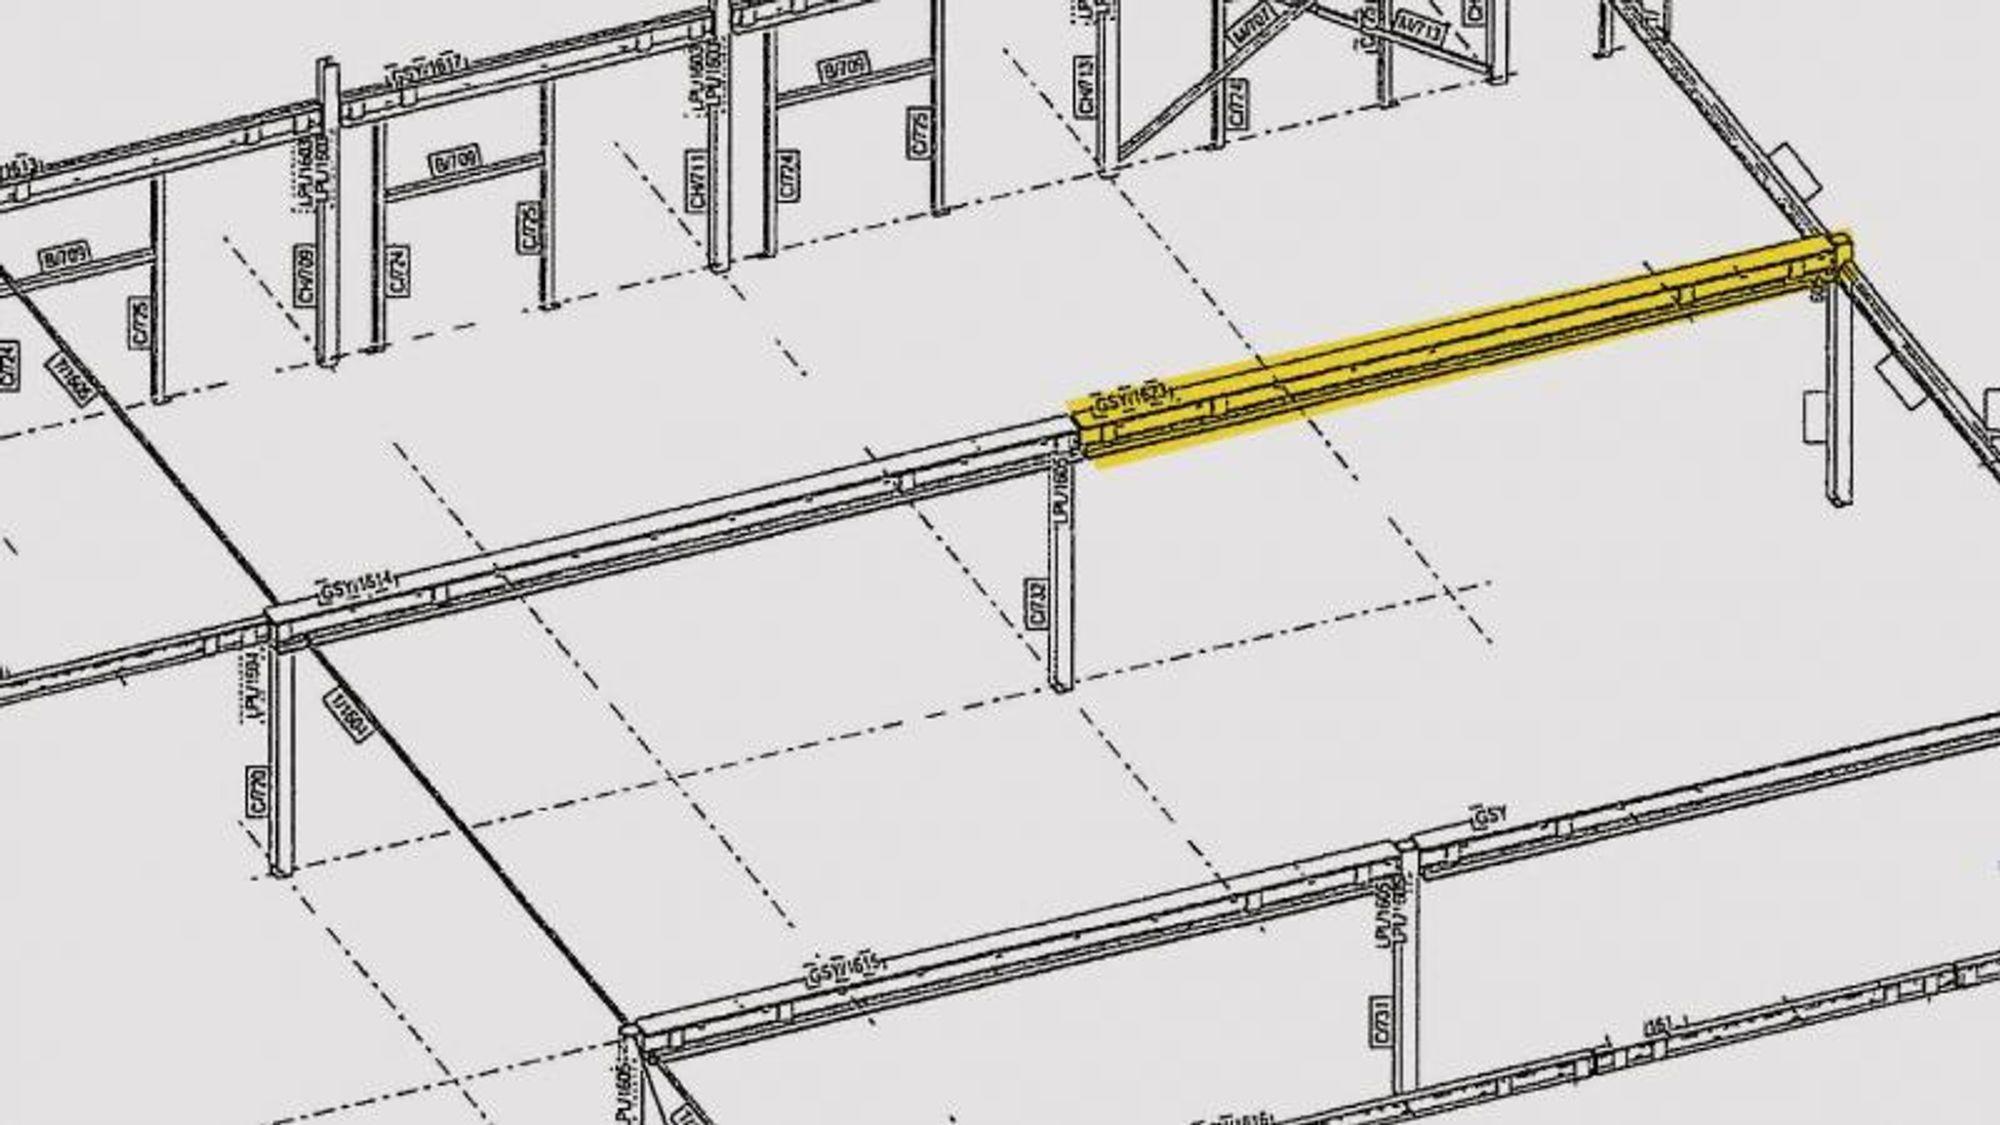 Lakseterminalen i Hirtshals, som eies av det norske selskapet Hav Line, blir oppført med to innskutte komposittdekker med søyler og bjelker av stål og hulldekke av betong. Det var bjelken som er markert med gult som falt ned, men ifølge den rådgivende ingeniøren på bygget var det mange underdimensjonerte koblinger i de to innskutte dekkene.